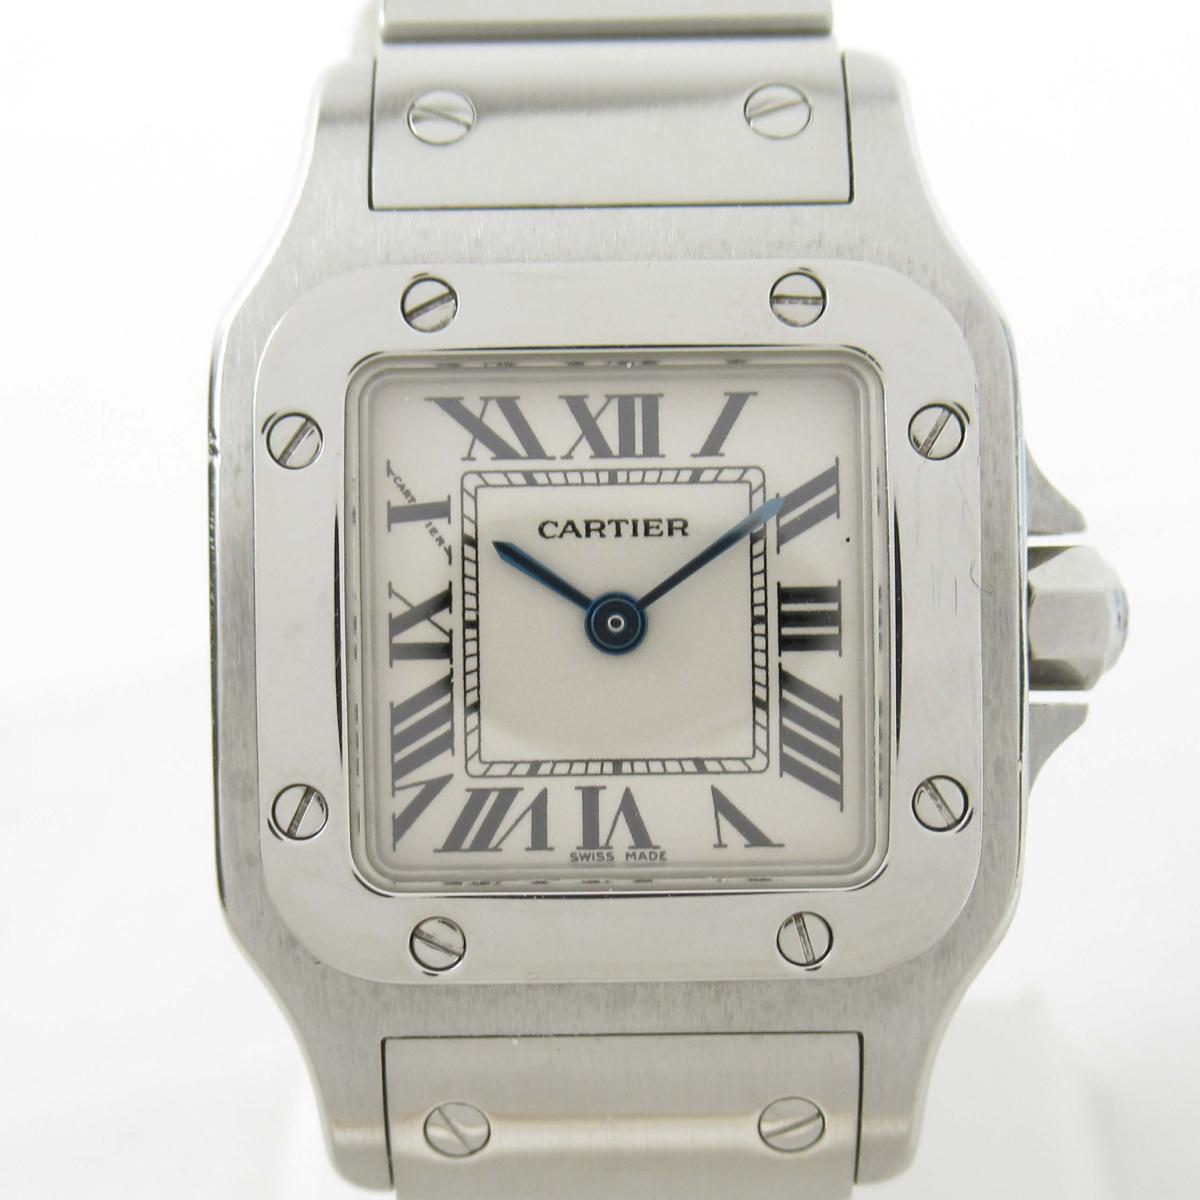 【中古】 カルティエ サントス ガルベSM ウォッチ 腕時計 レディース ステンレススチール (SS) (W20056D6) | Cartier BRANDOFF ブランドオフ ブランド ブランド時計 ブランド腕時計 時計